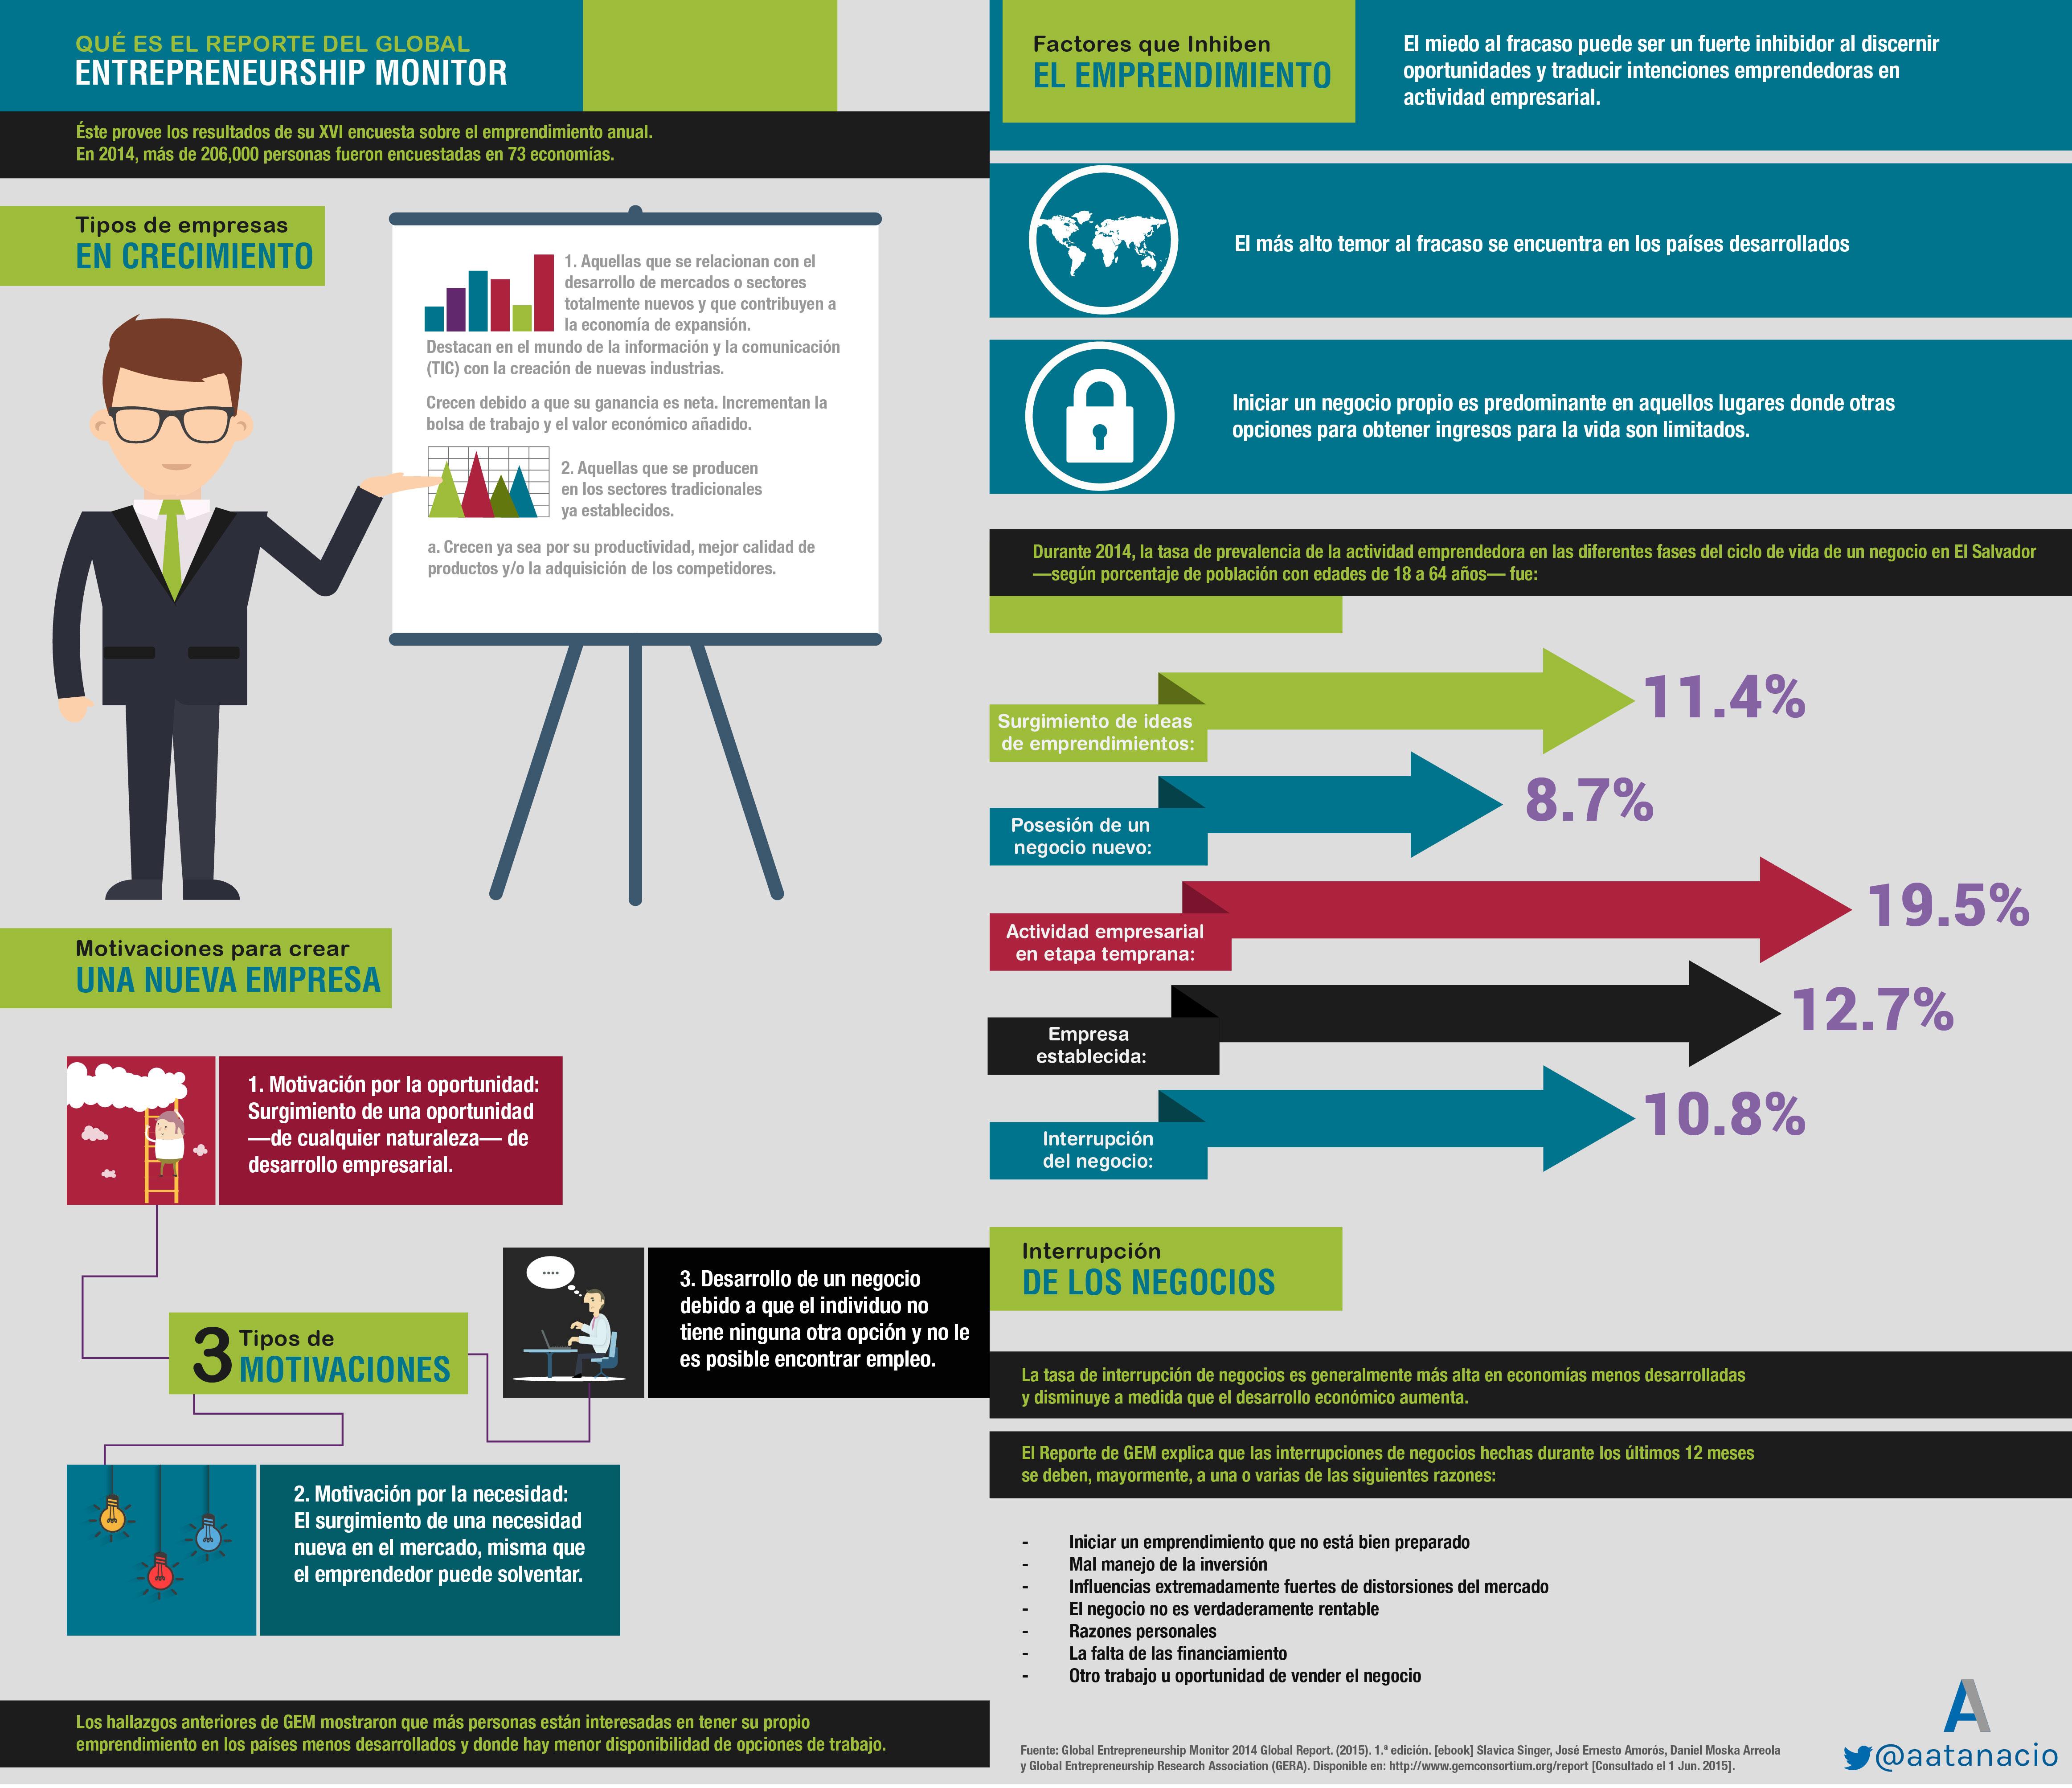 Global Entrepreneurship Report 2014